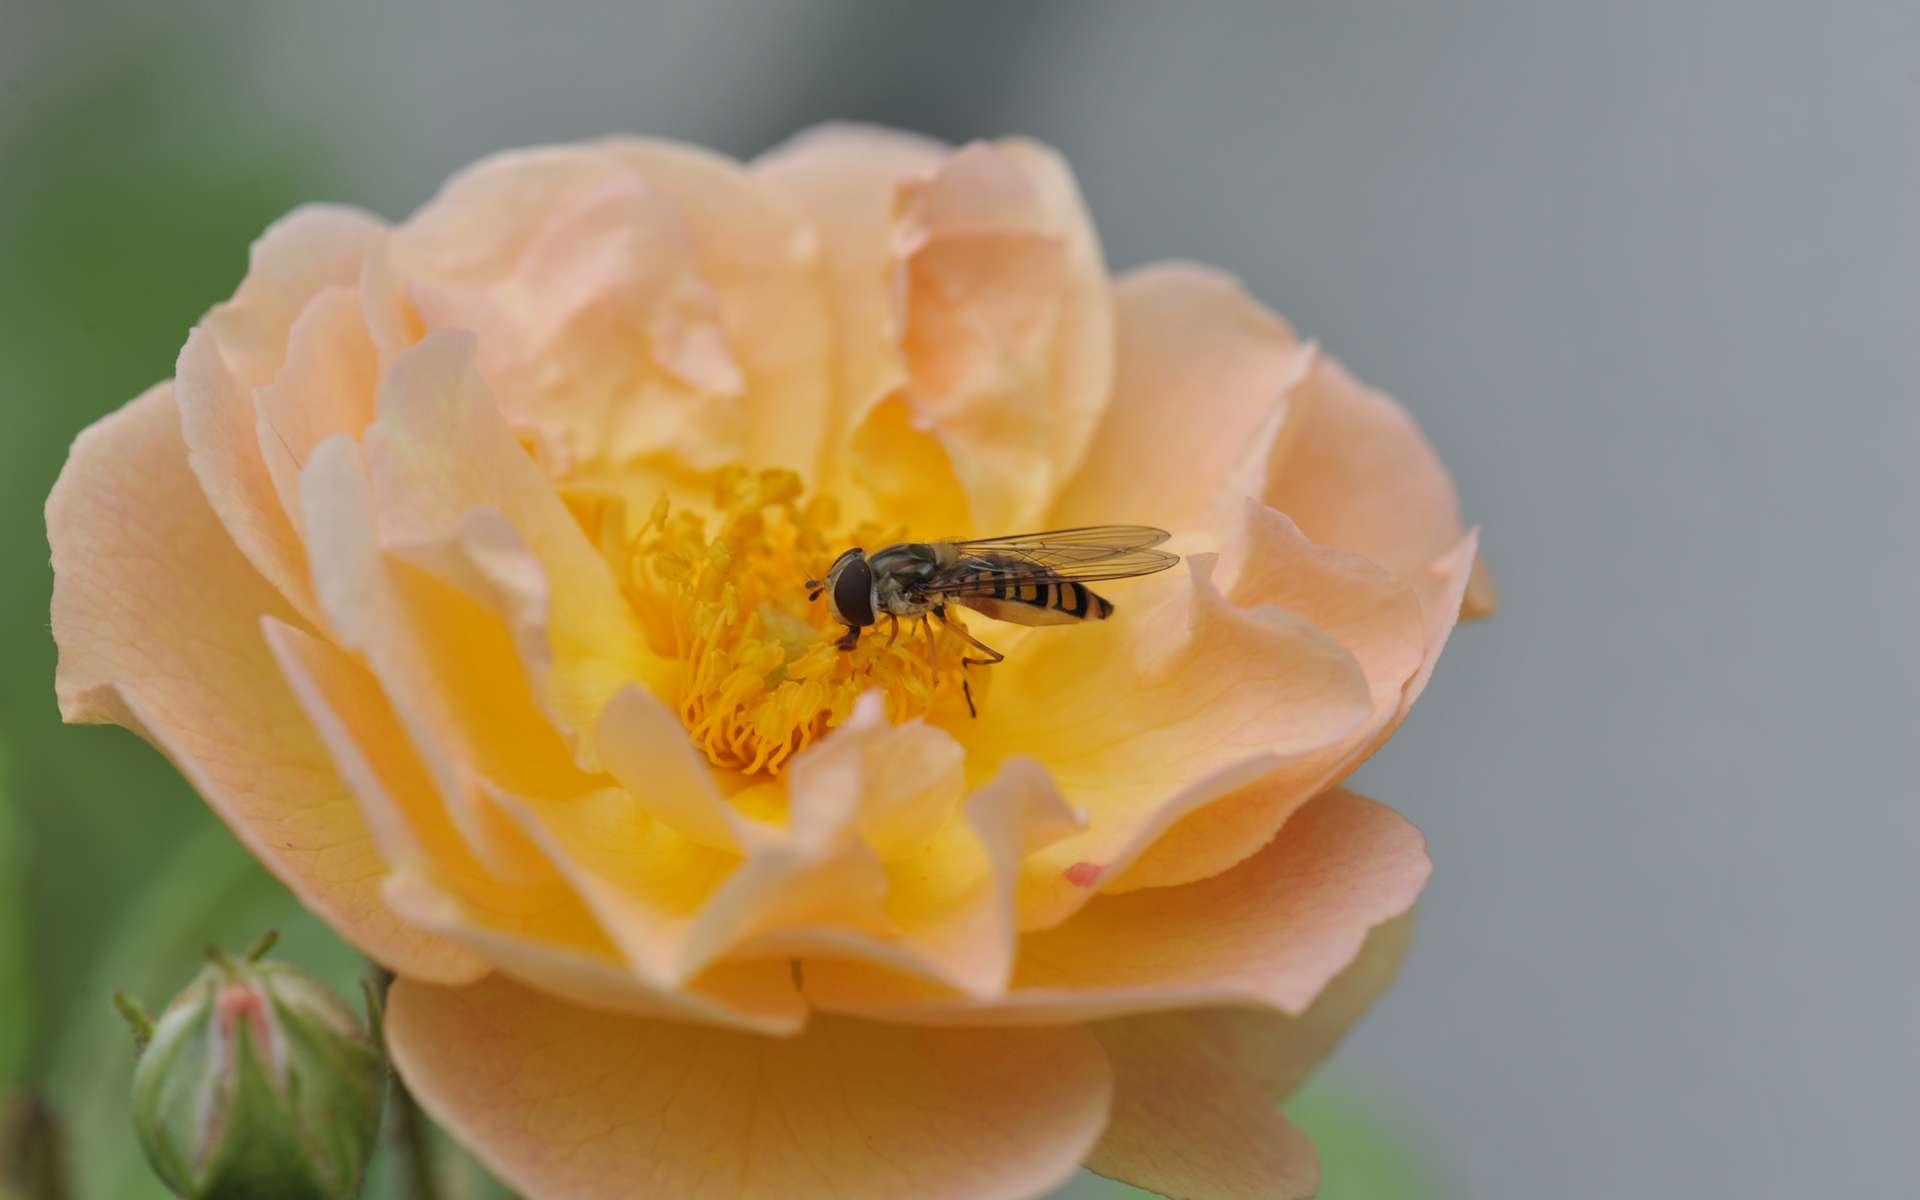 Les portables pourraient jouer un rôle dans le déclin de la population des insectes. © Ghislaine Laussel, tous droits réservés